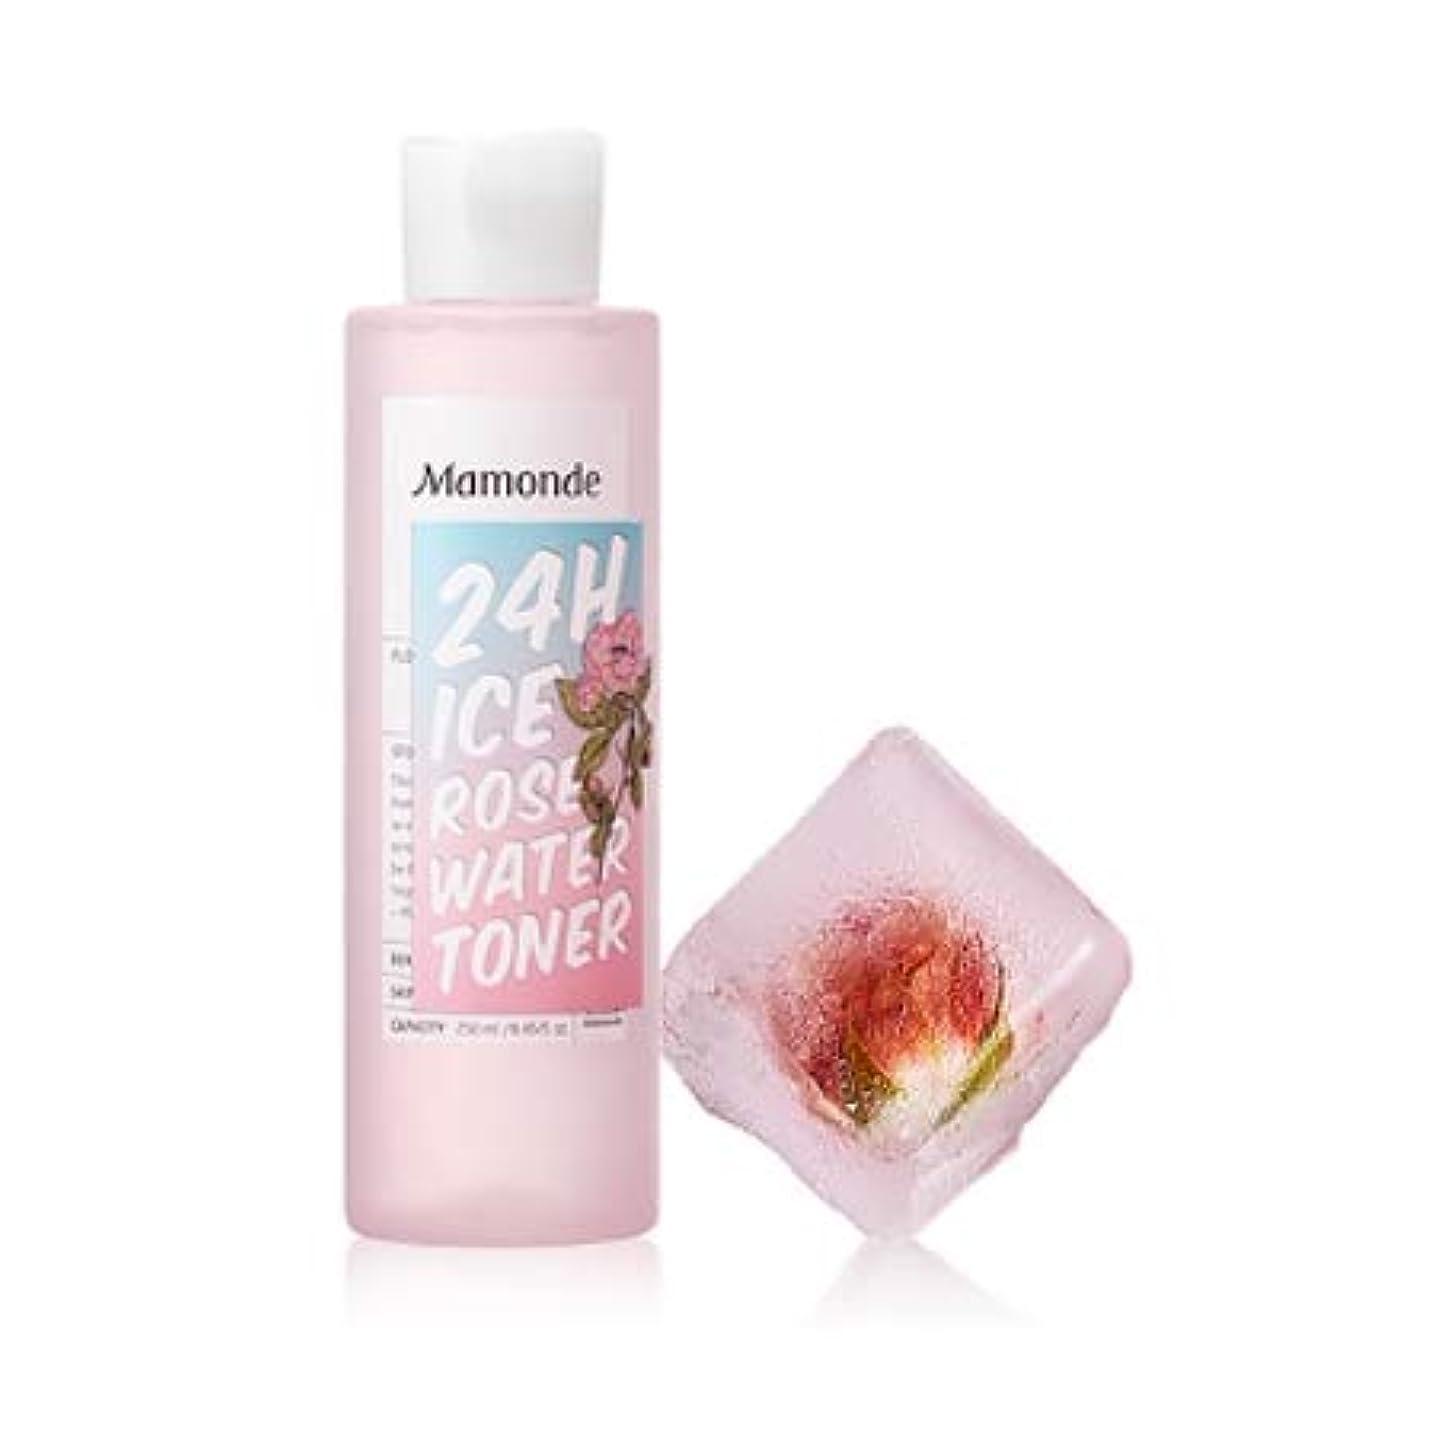 アクティビティロードハウス中古【マモンド.mamonde](公式)24Hアイスローズウォータートナー(250ml)(2019.05 new product)/ ice rose water toner